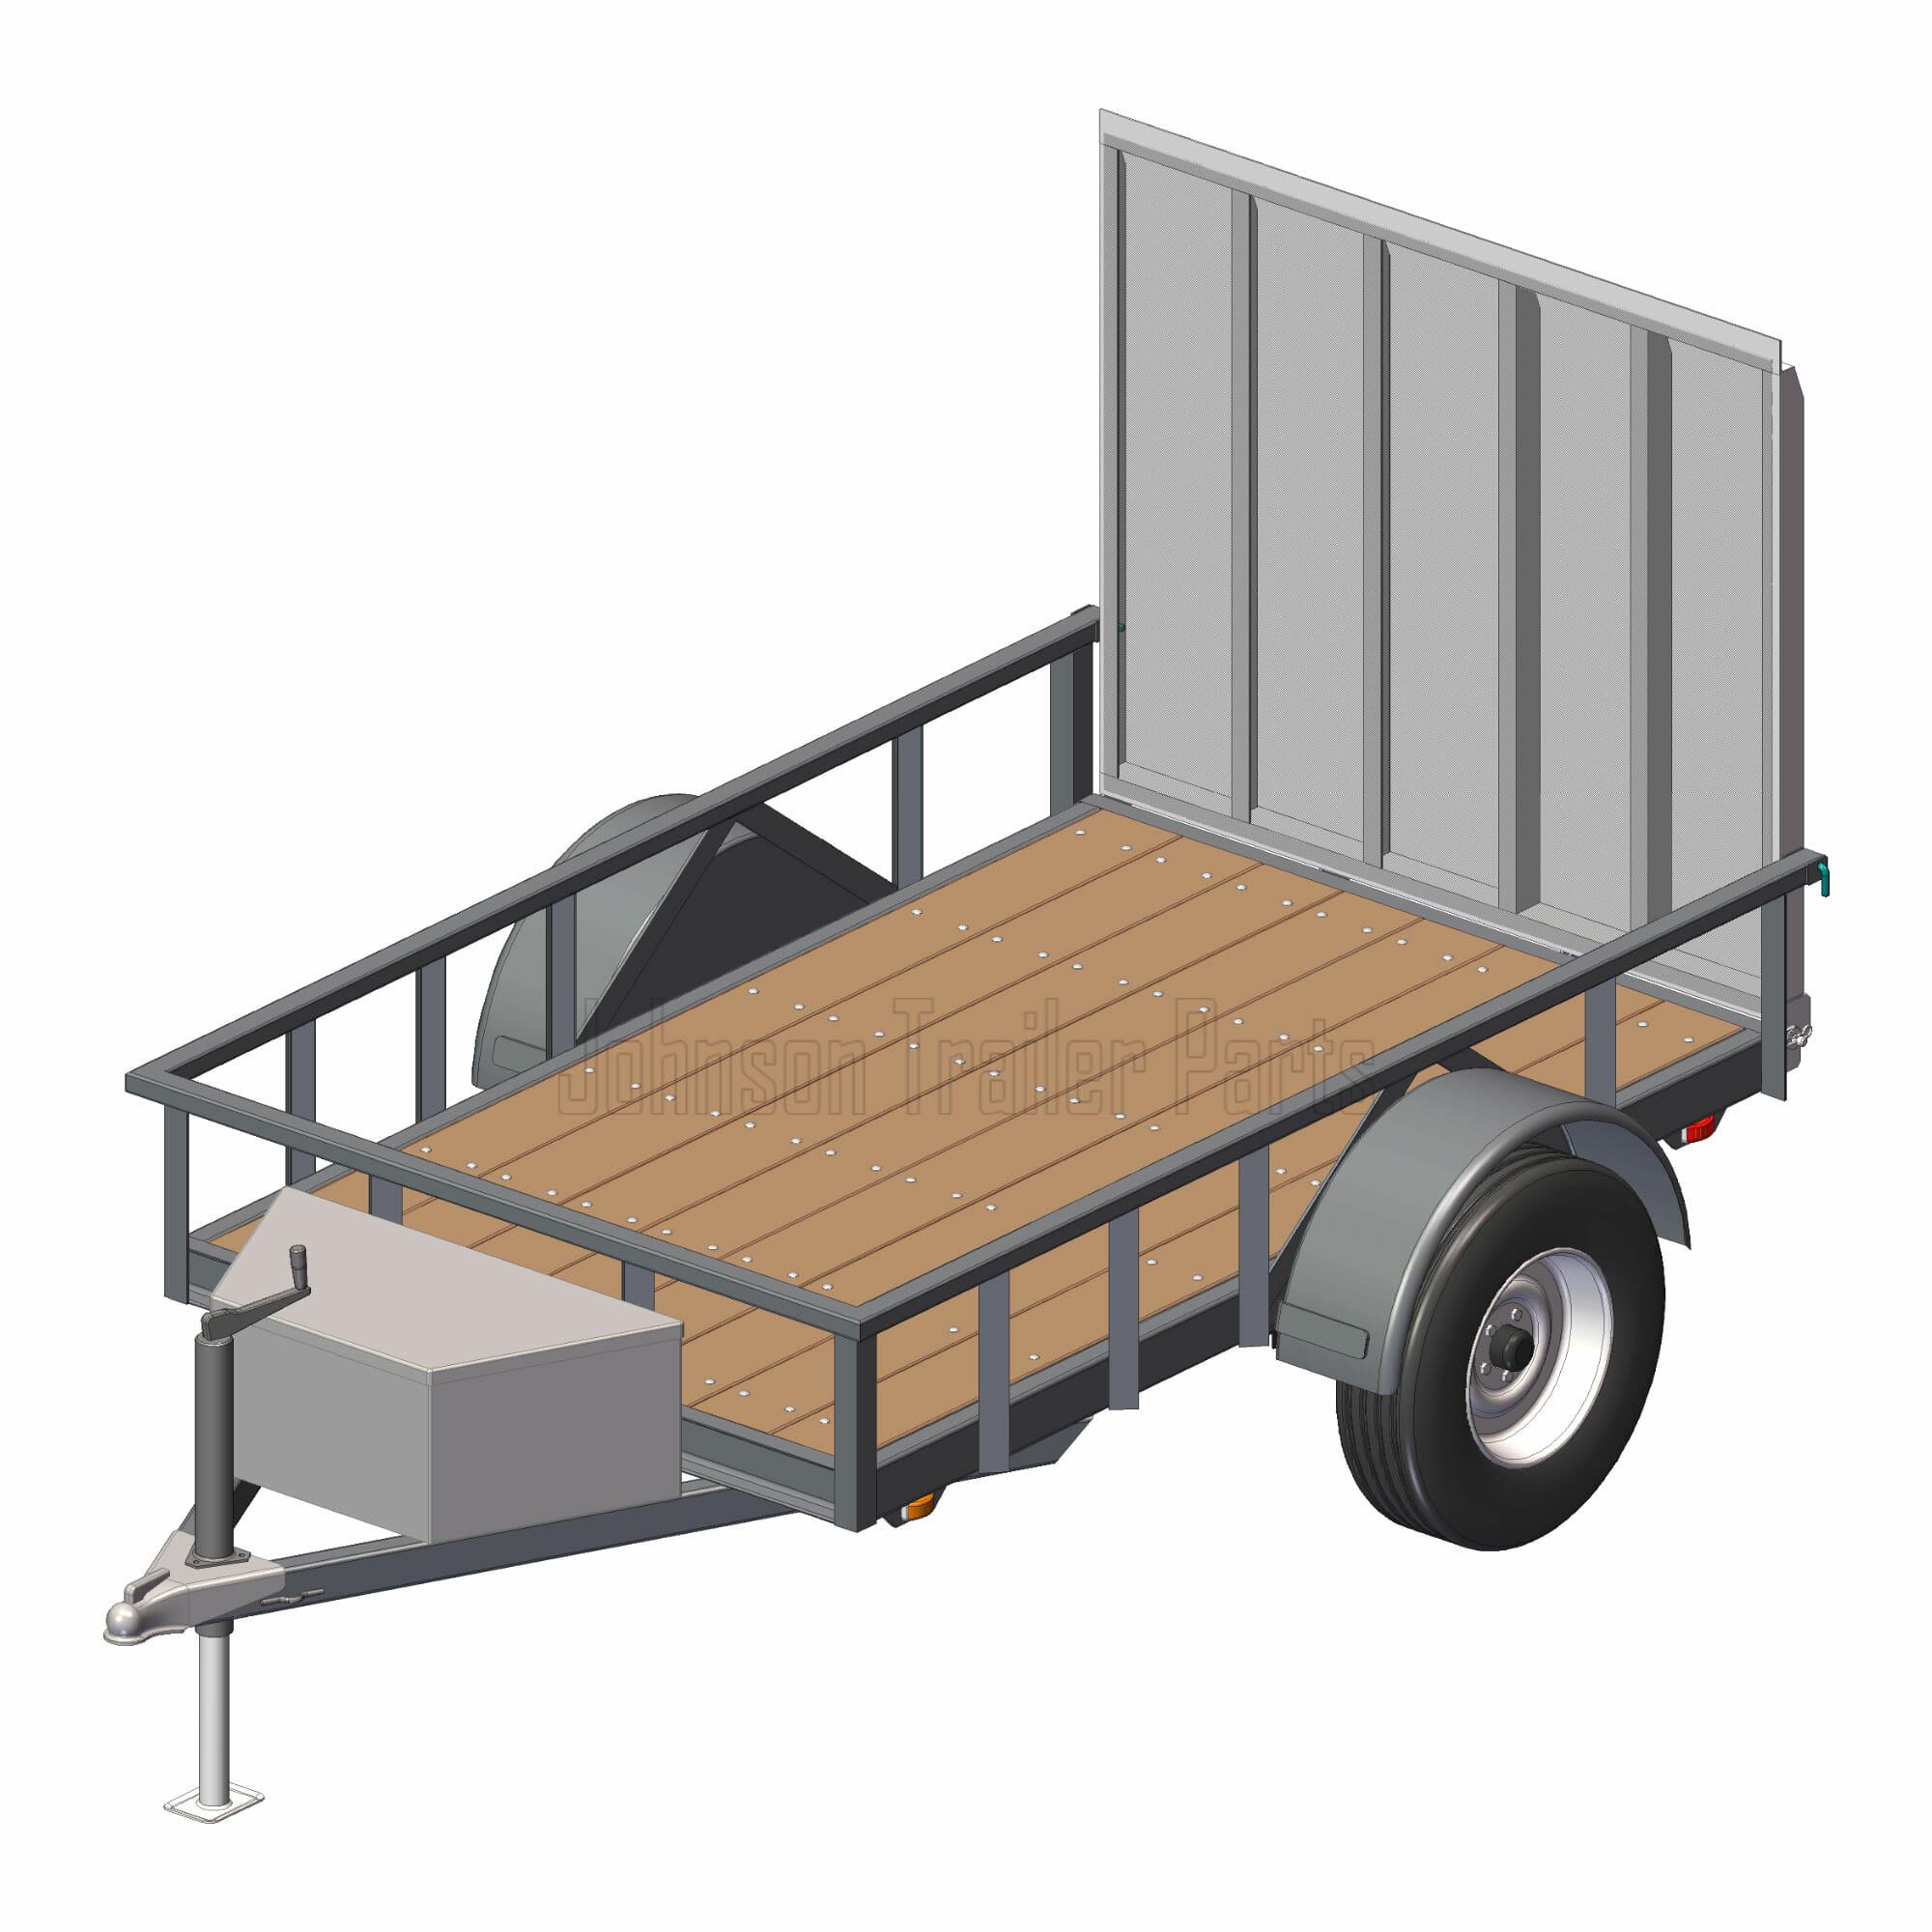 5 x 8 utility trailer plans blueprints 3500 lb capacity 5 x 8 utility trailer plans blueprints 3500 lb capacity malvernweather Images